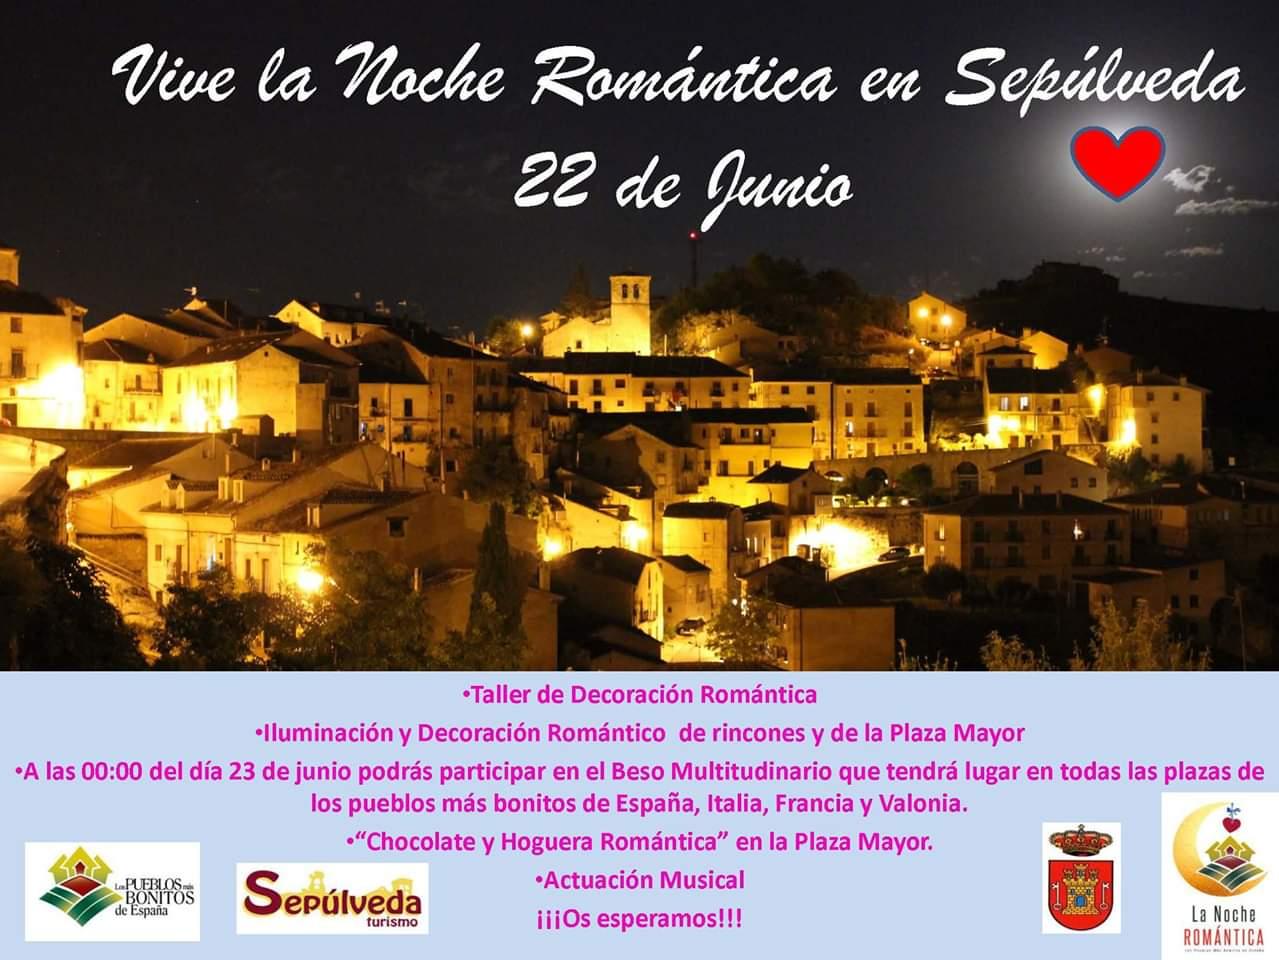 Noche romántica Sepúlveda